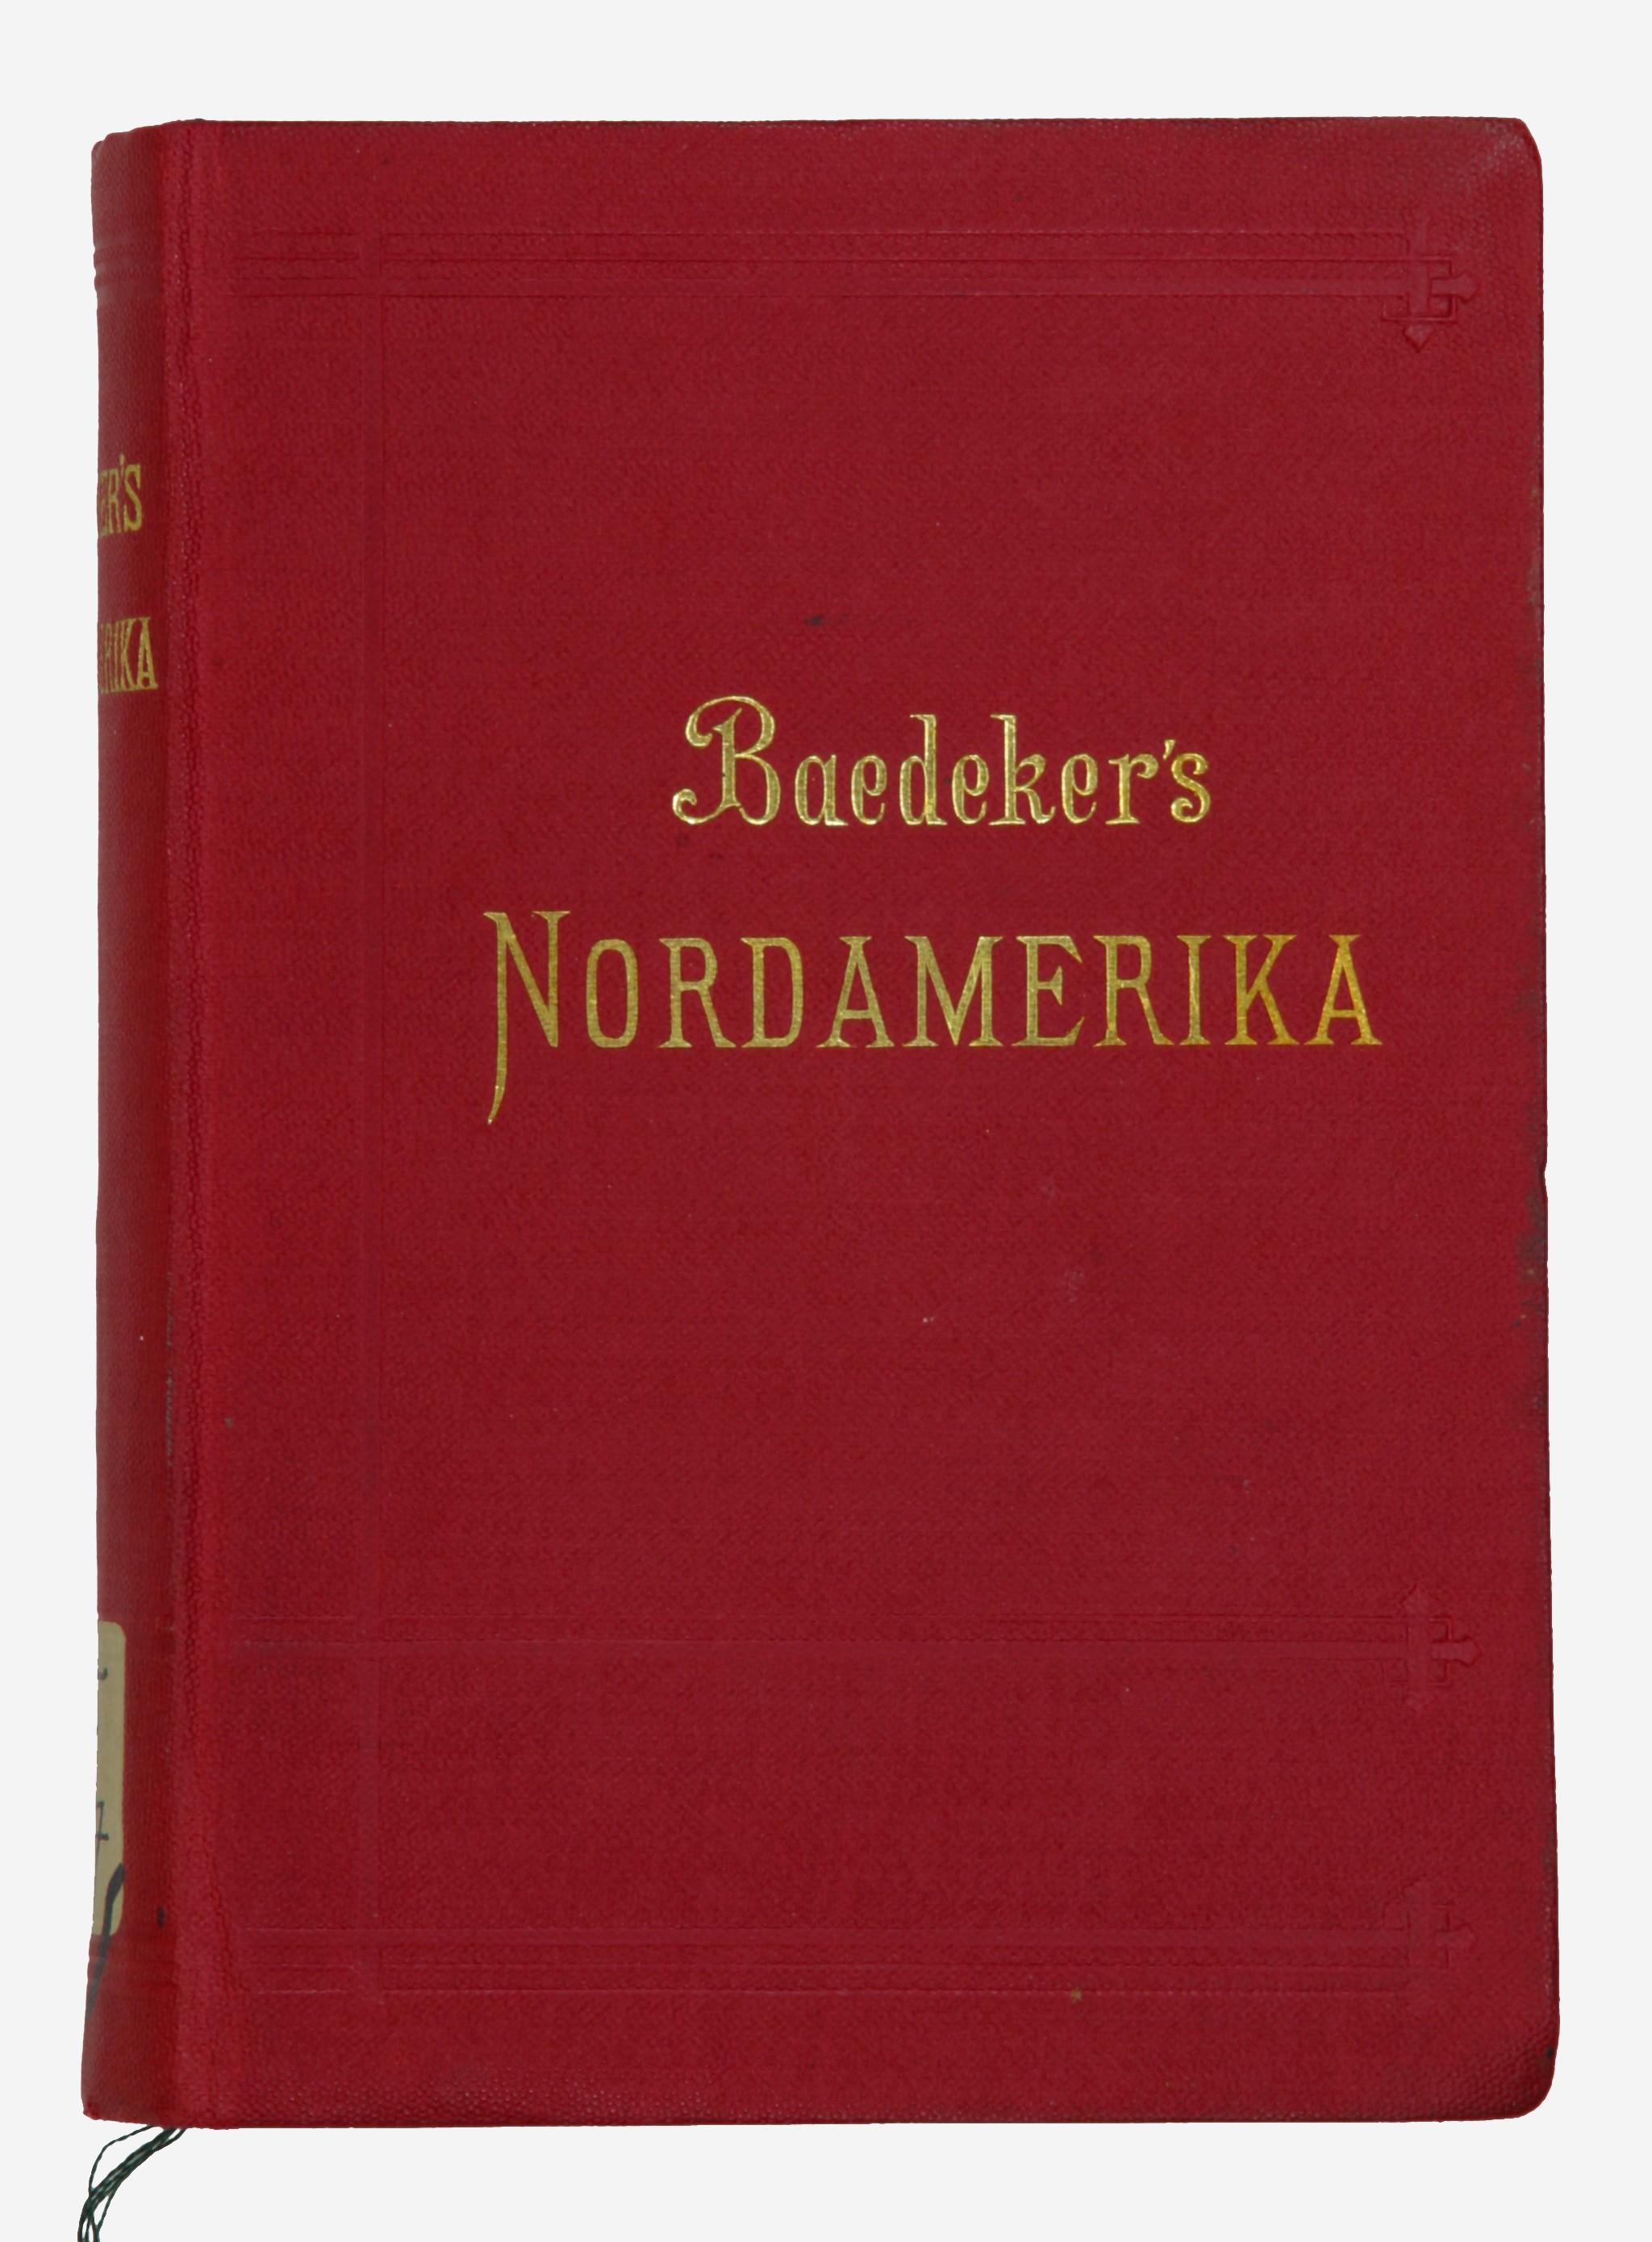 Nordamerika. Die Vereinigten Staaten nebst einem Ausflug nach Mexiko. Handbuch                         für                         Reisende von K. Bædeker.